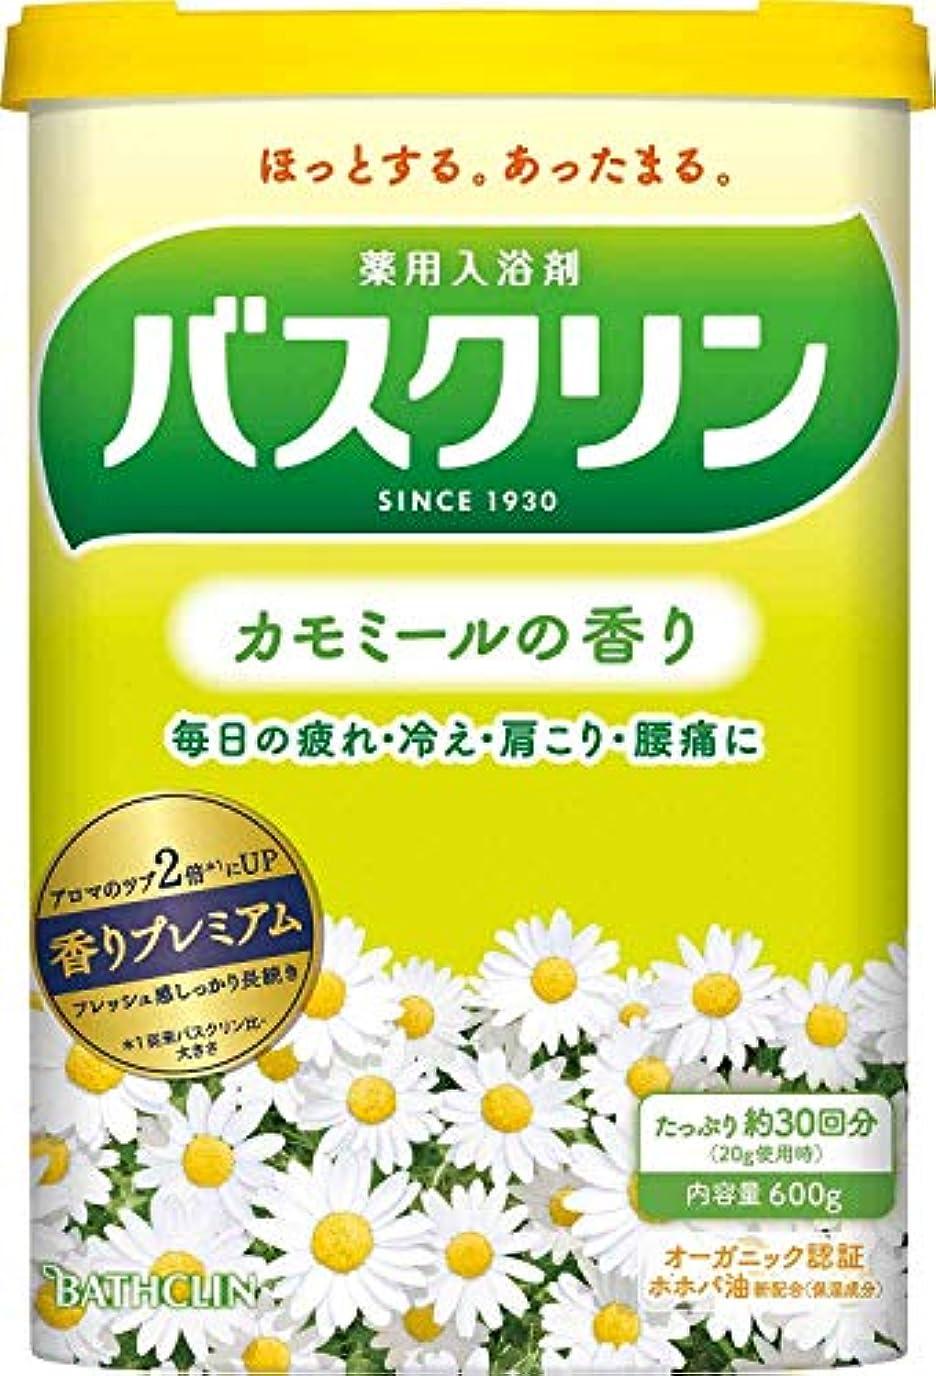 【医薬部外品】バスクリンカモミールの香り600g入浴剤(約30回分)